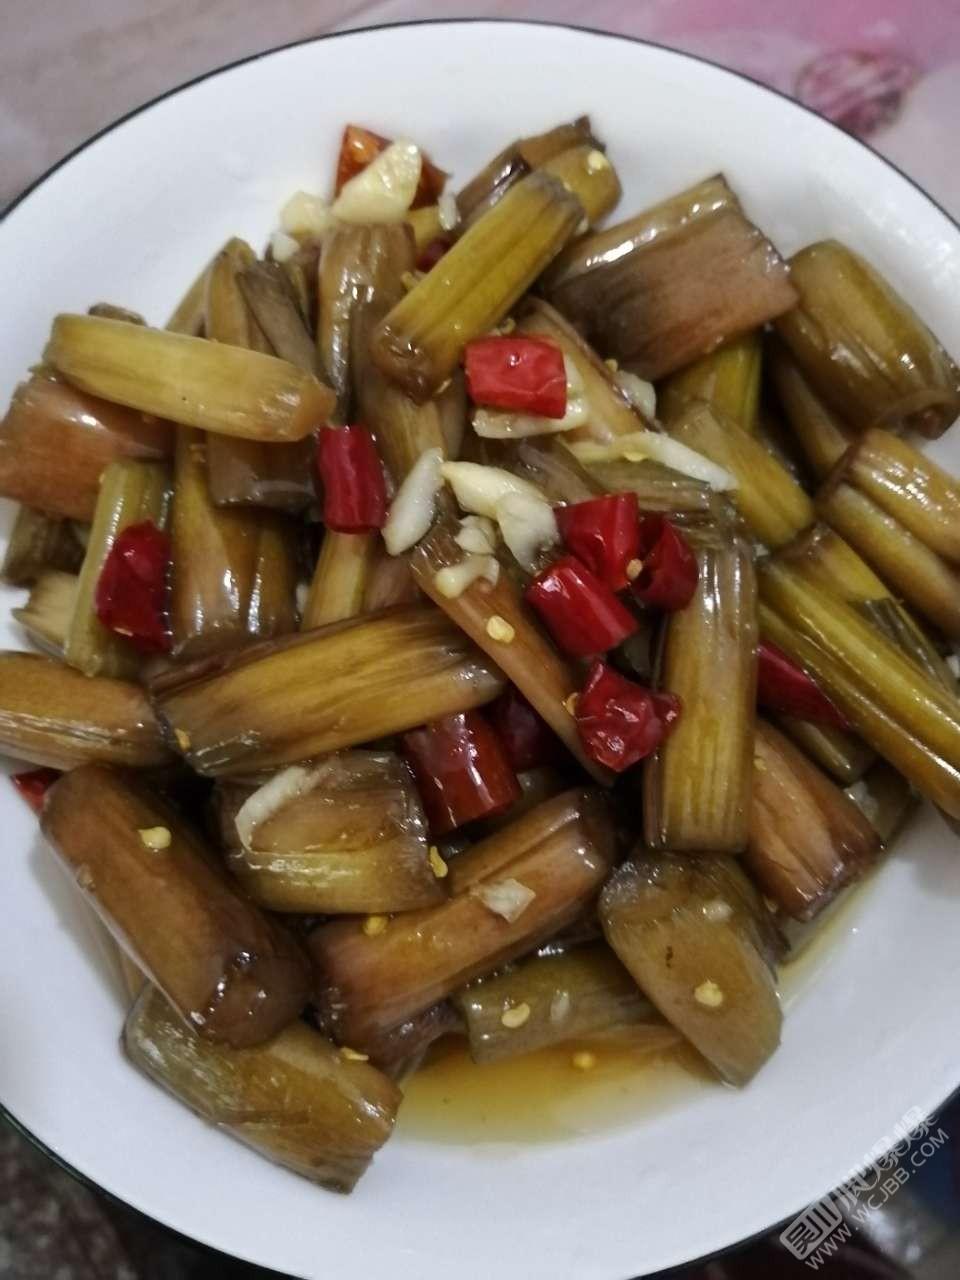 老味道 这些简简单单的腌制芋壳,小时候你们经常吃吗?